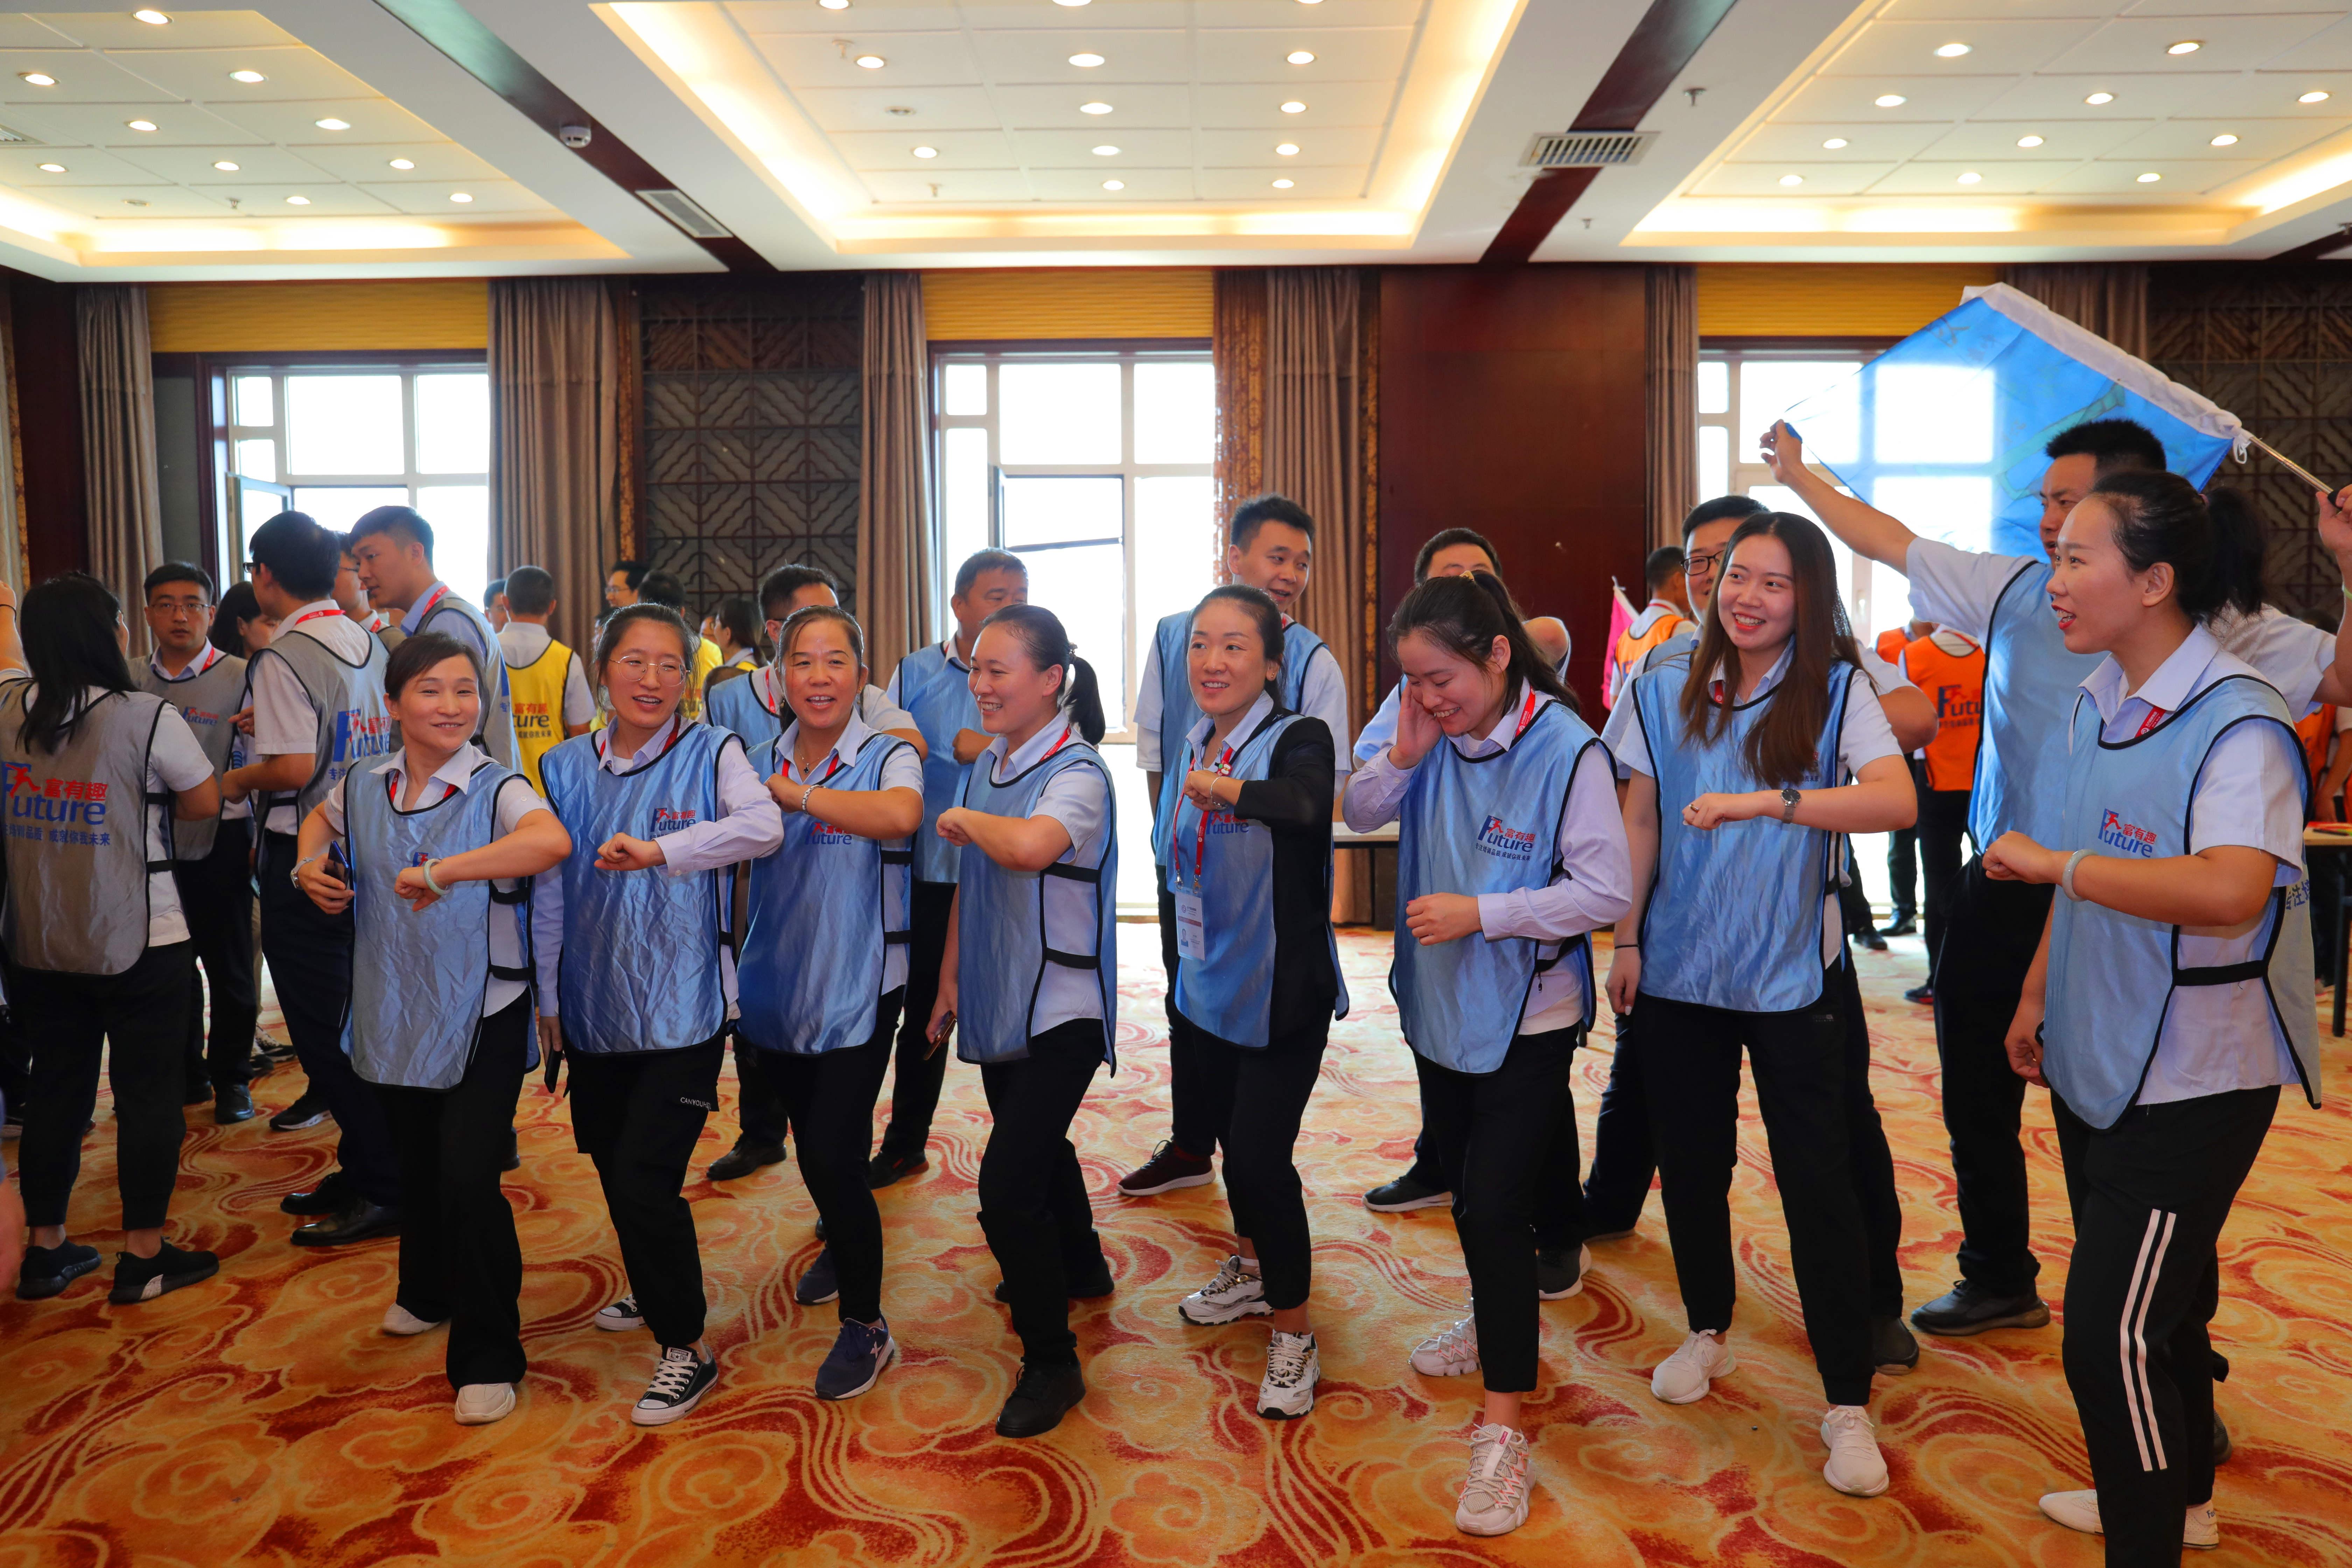 文化传承、机制创新、合作共赢、再铸辉煌--北方君威集团2020年全员拓展培训